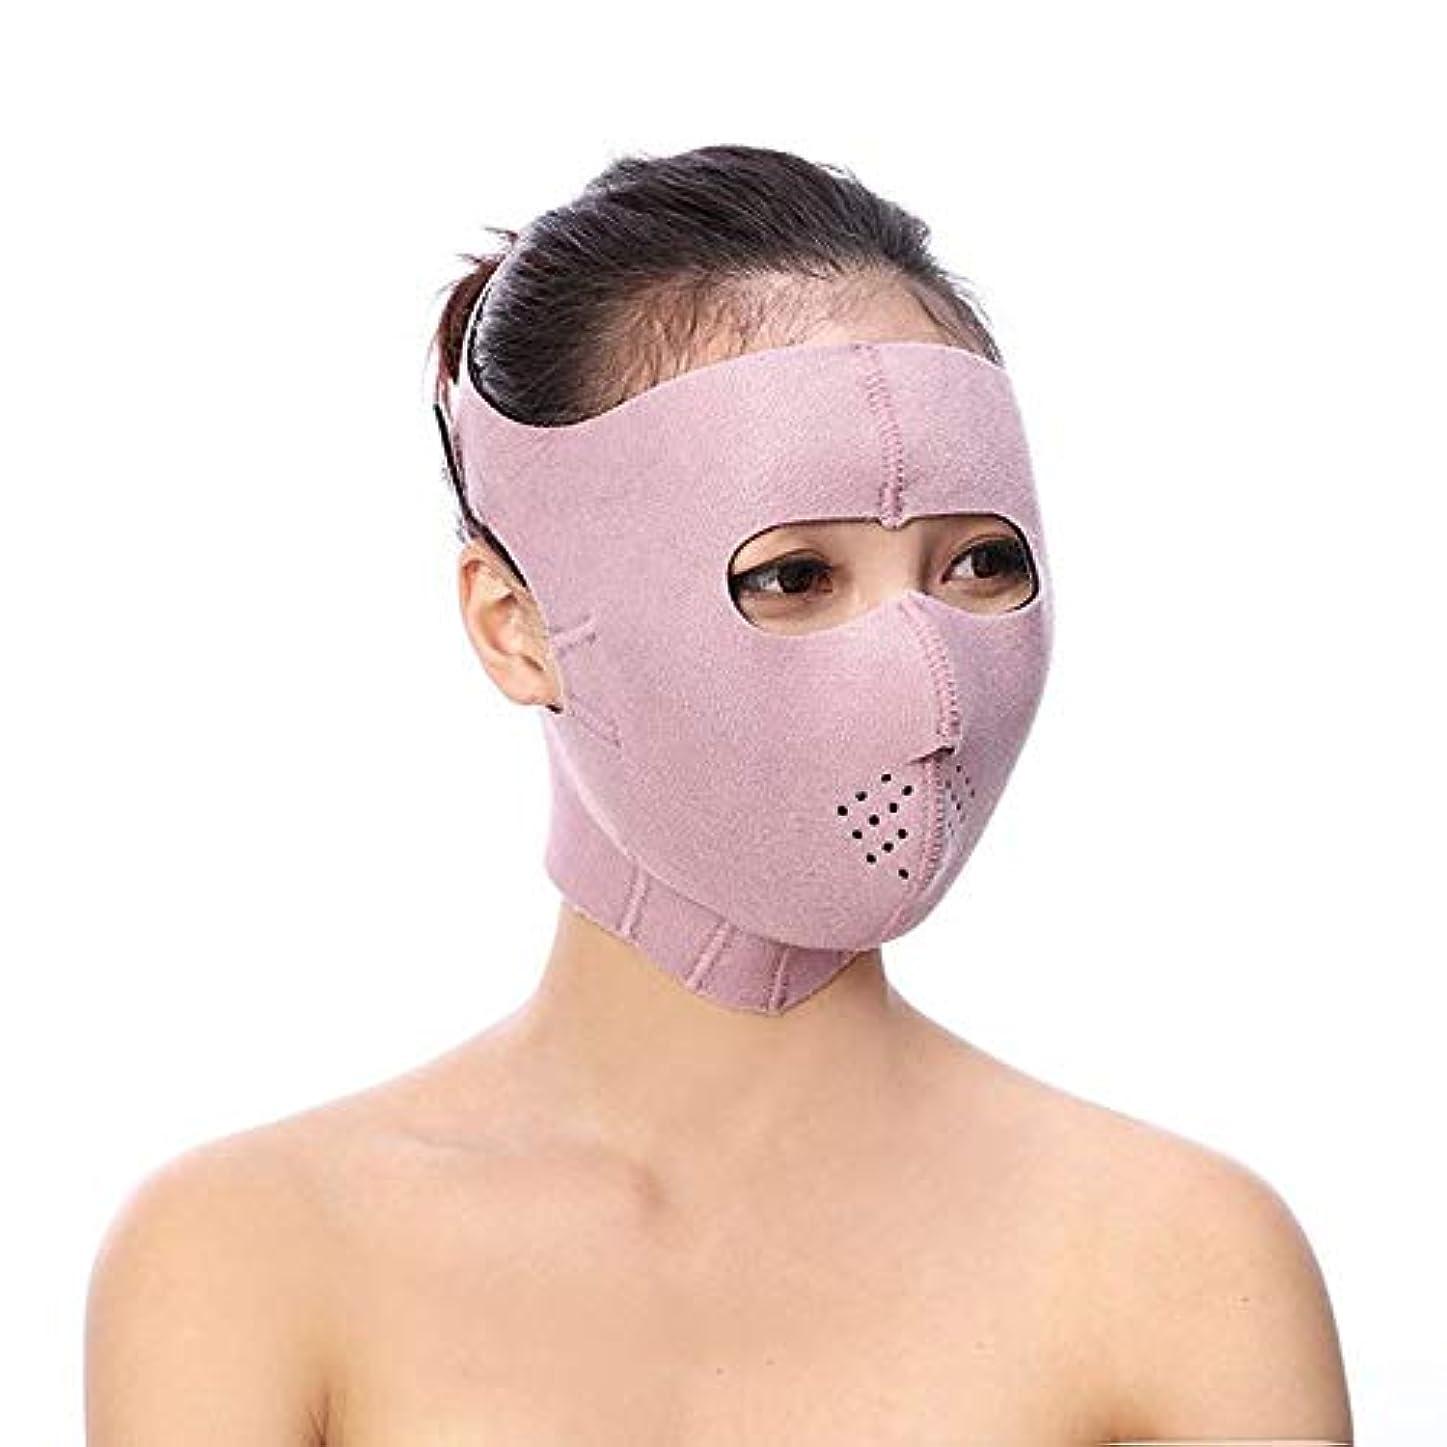 研磨確執秀でるフェイスリフティングベルト、フェイスリフティング包帯顔の形をしたV字形状により、睡眠の質が向上します。 (Color : Pink)